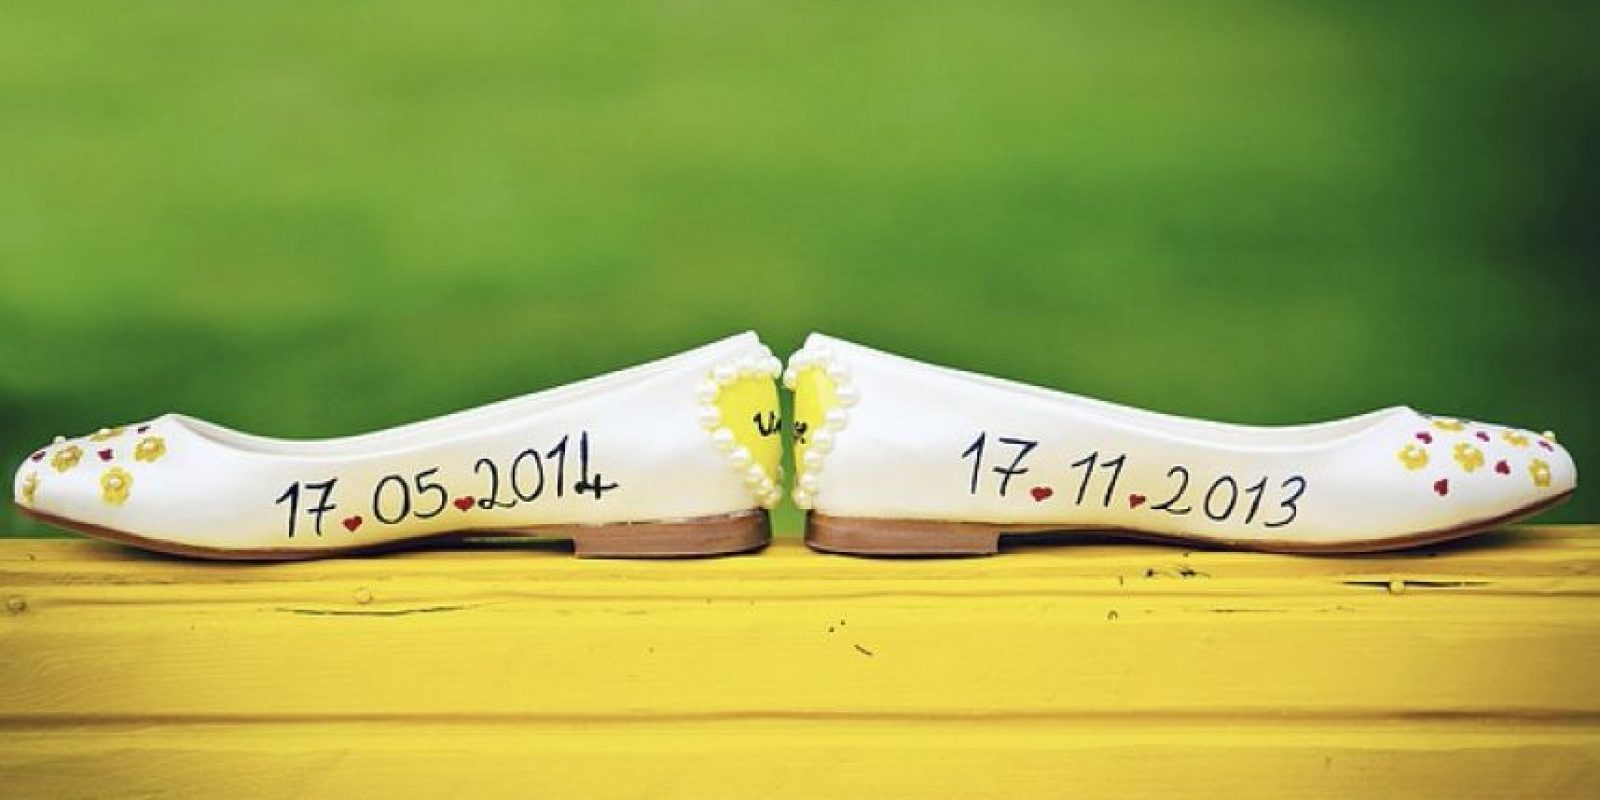 Las mujeres jóvenes pueden soñar con su boda por años, pero pareciera ser que este compromiso de por vida no las haría dramáticamente más felices, según un nuevo estudio estadounidense. Foto:Pixabay